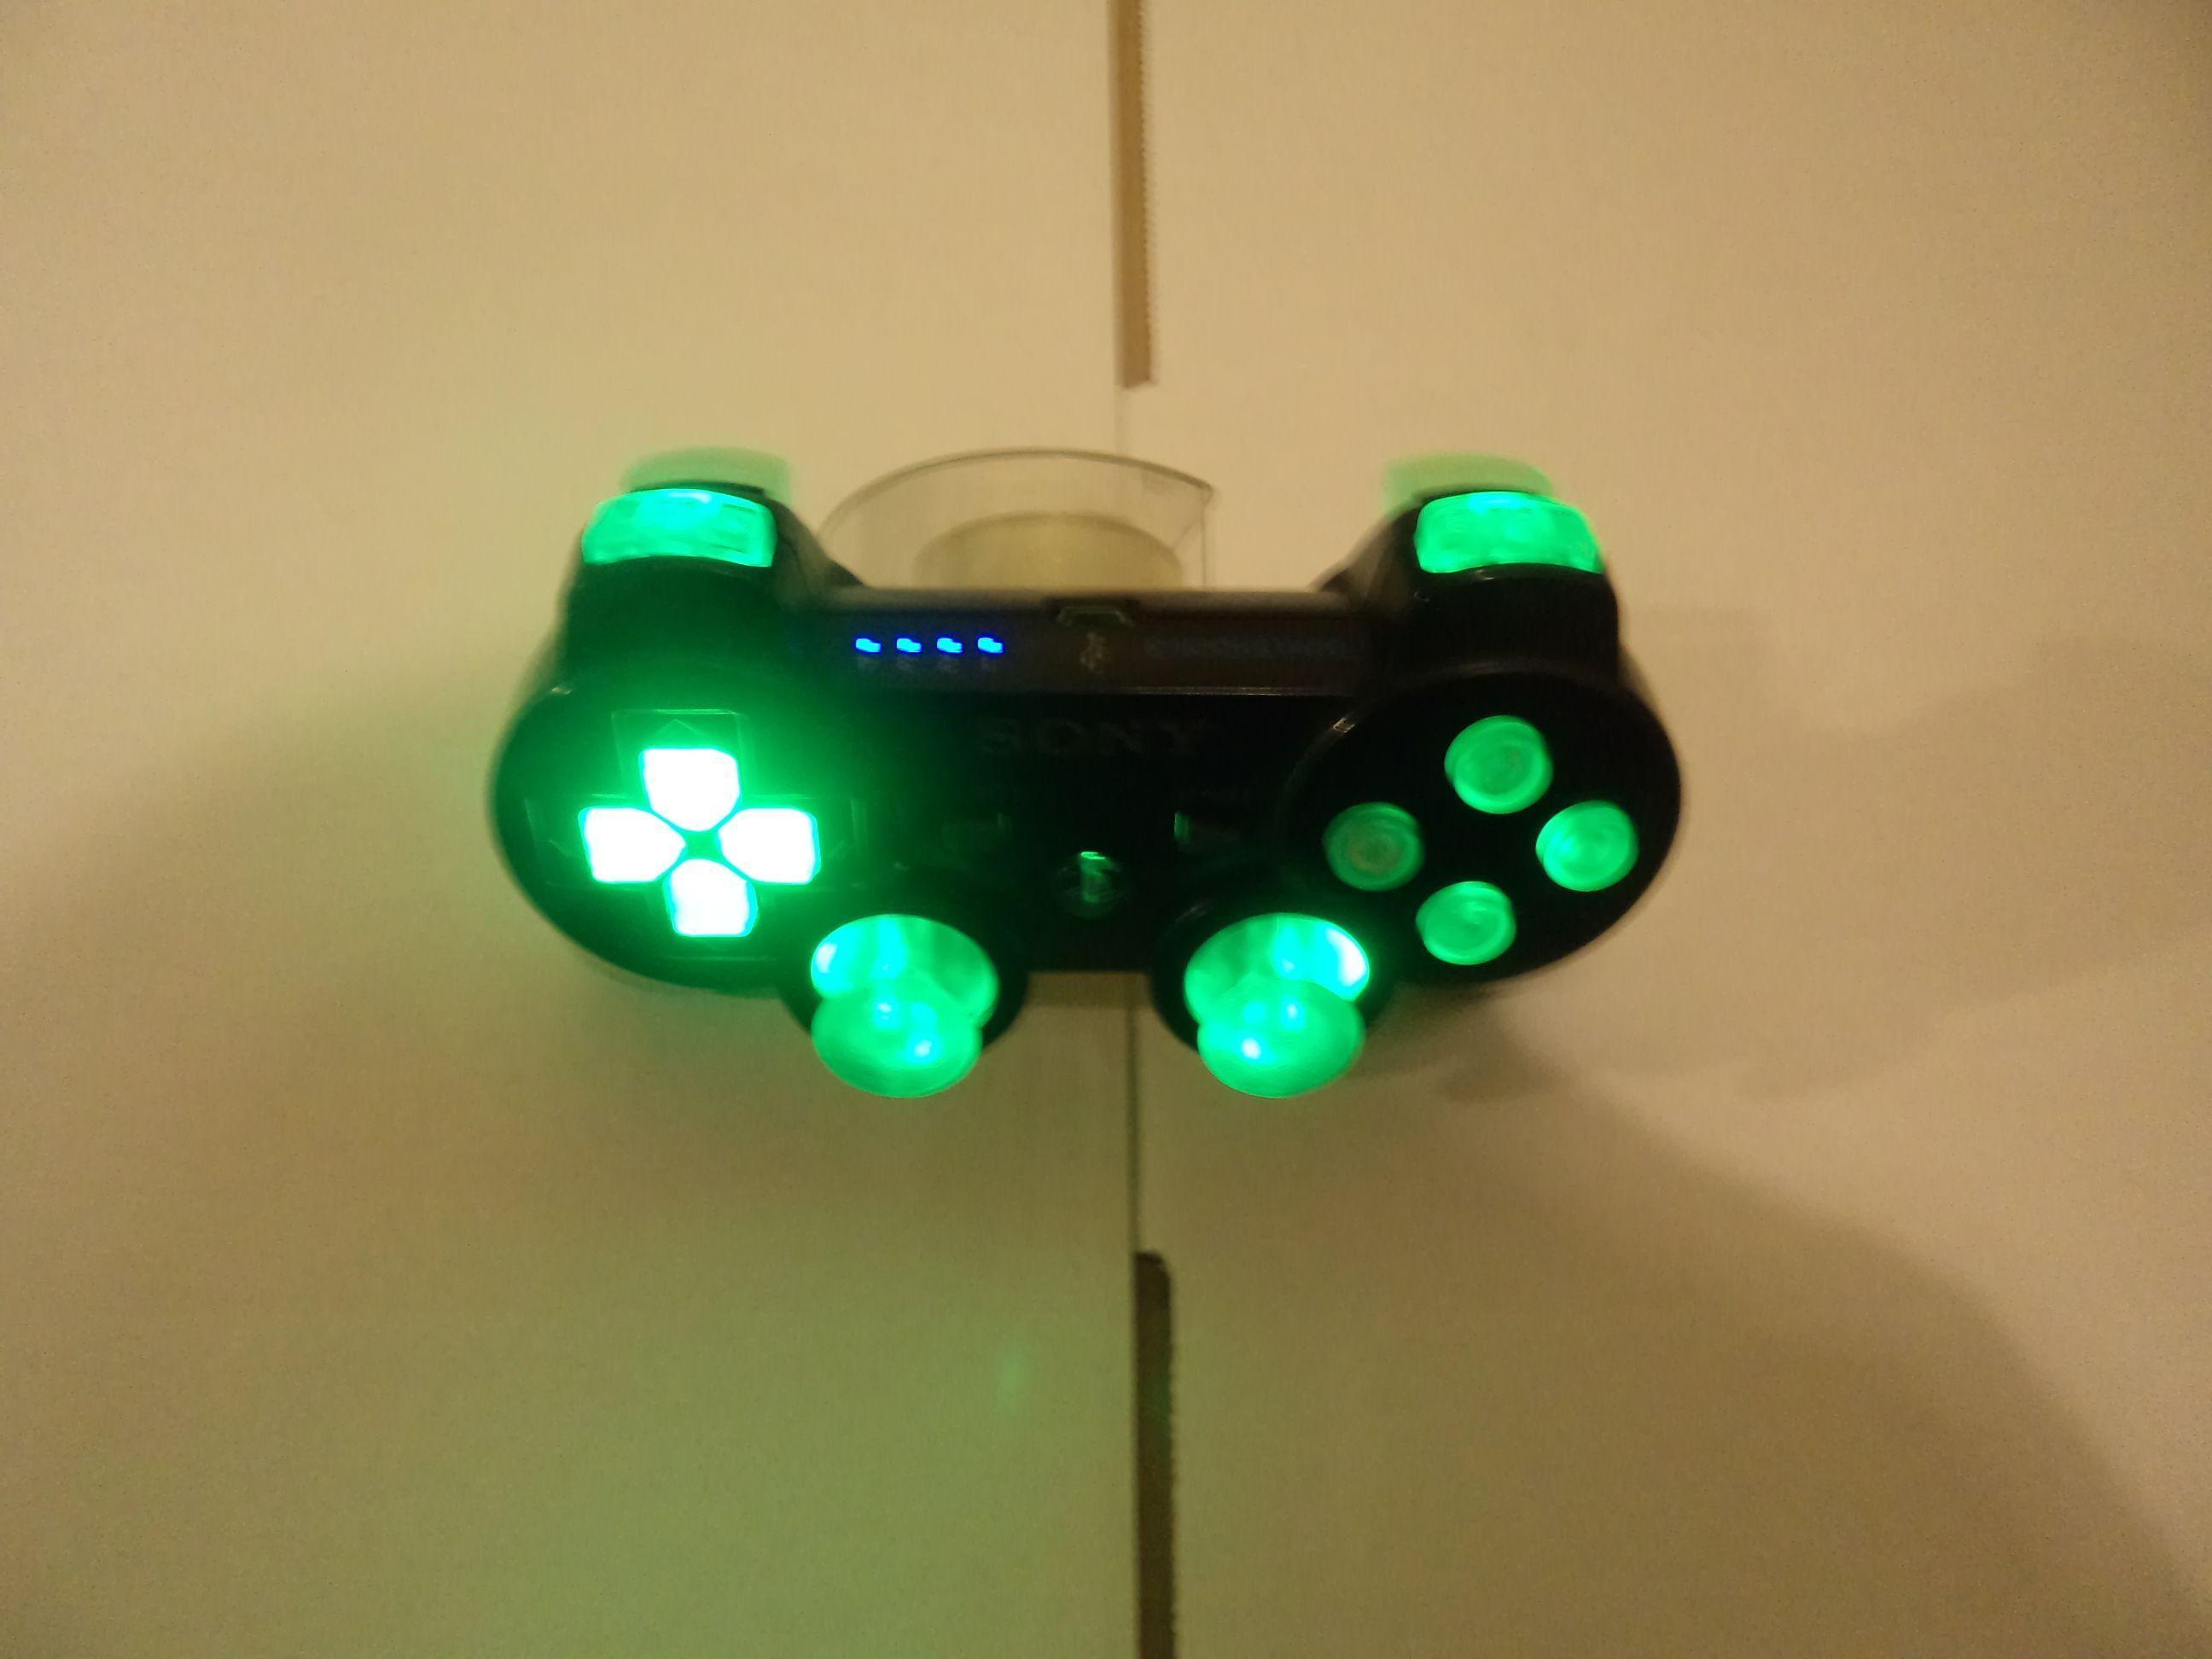 Manette dualshock 3 - Telecharger pilote de manette de jeux a port usb ...